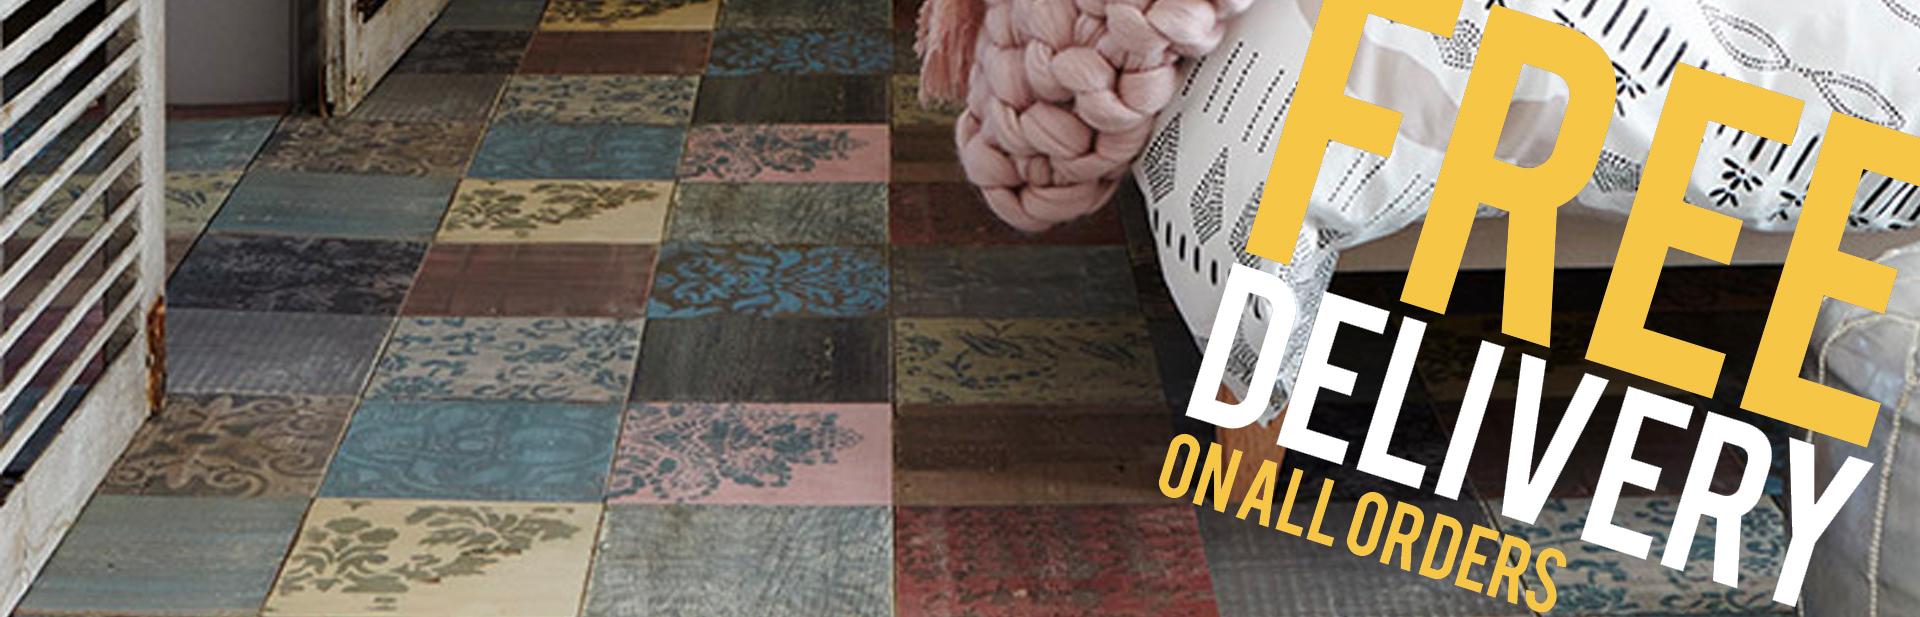 Flooring Uk Abstract Styles Of Luxury Vinyl Flooring